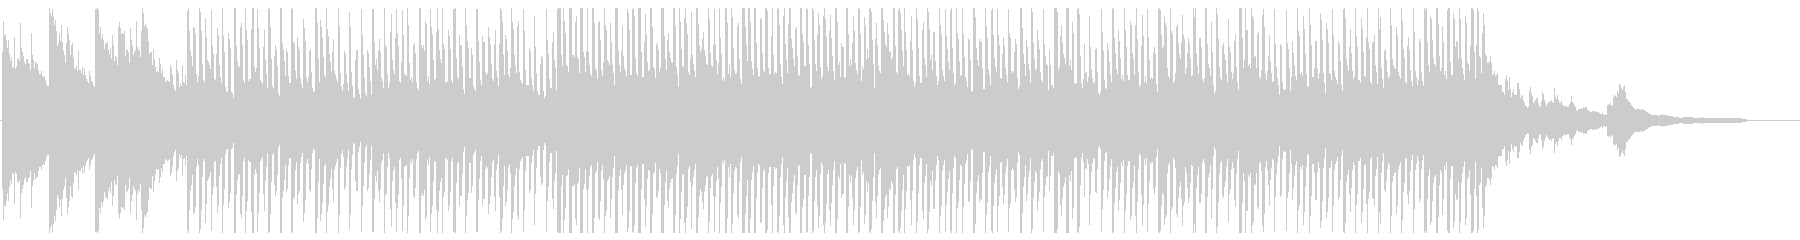 明るいクリーンなコーポレート1_90秒の未再生の波形